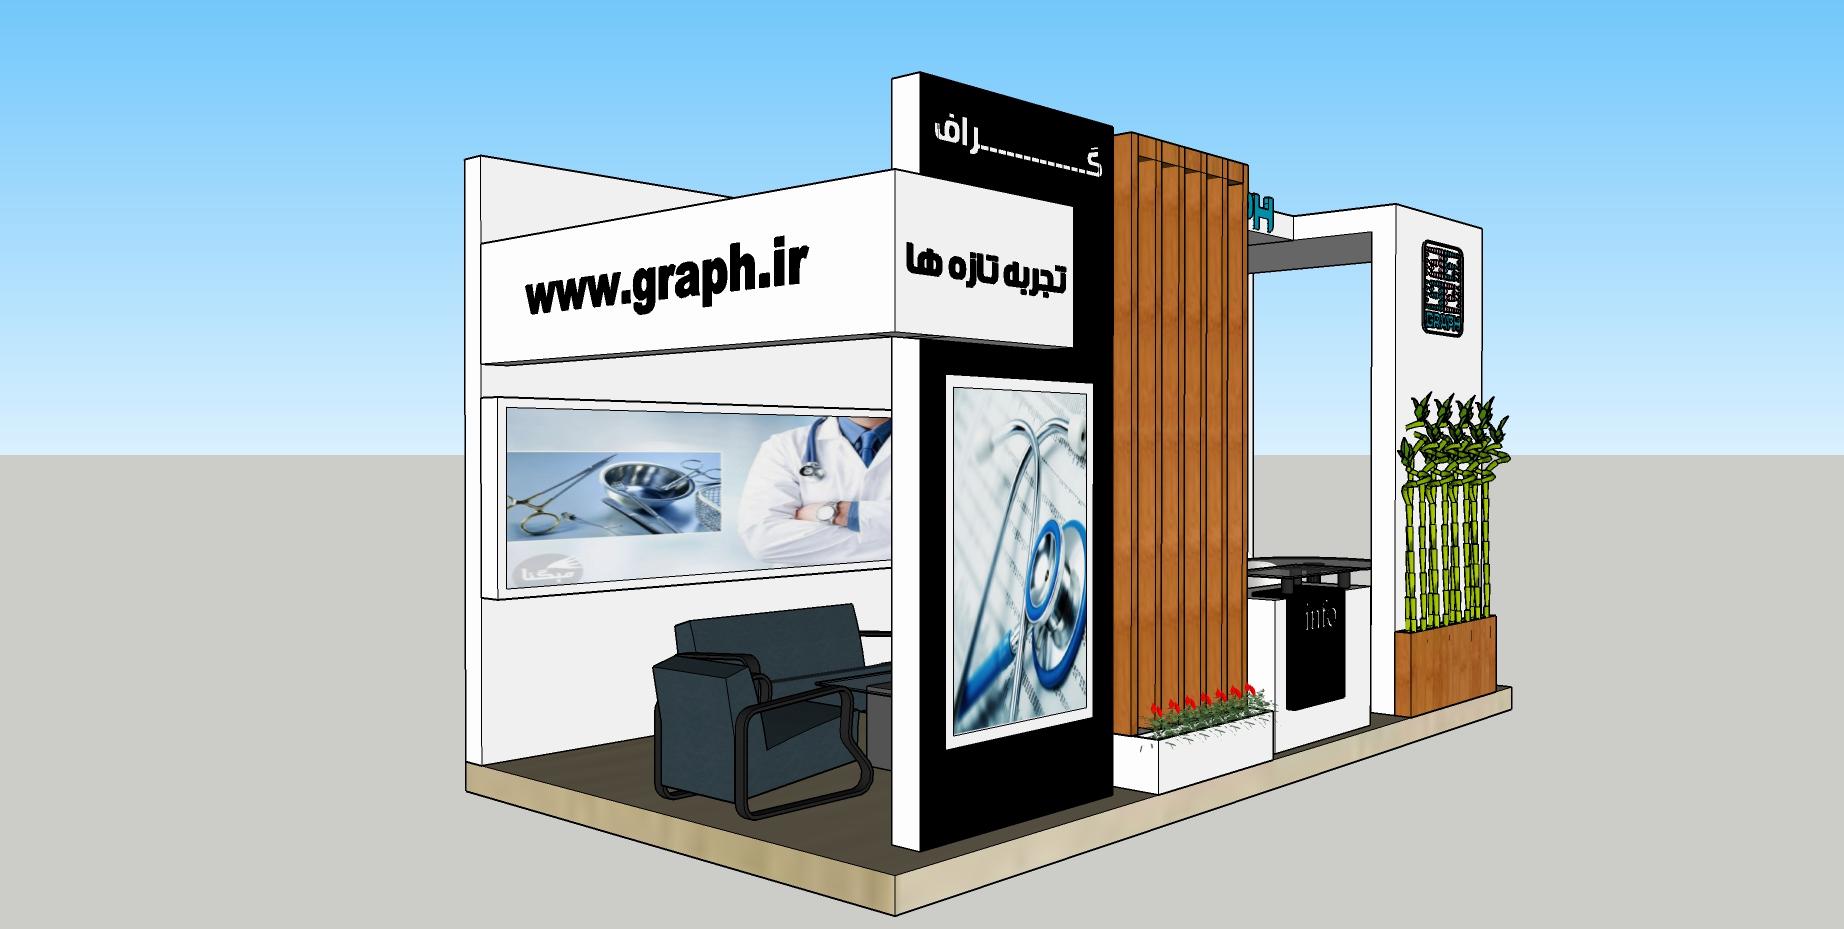 غرفه سازی نمایشگاهی - طرح غرفه - طراحی غرفه